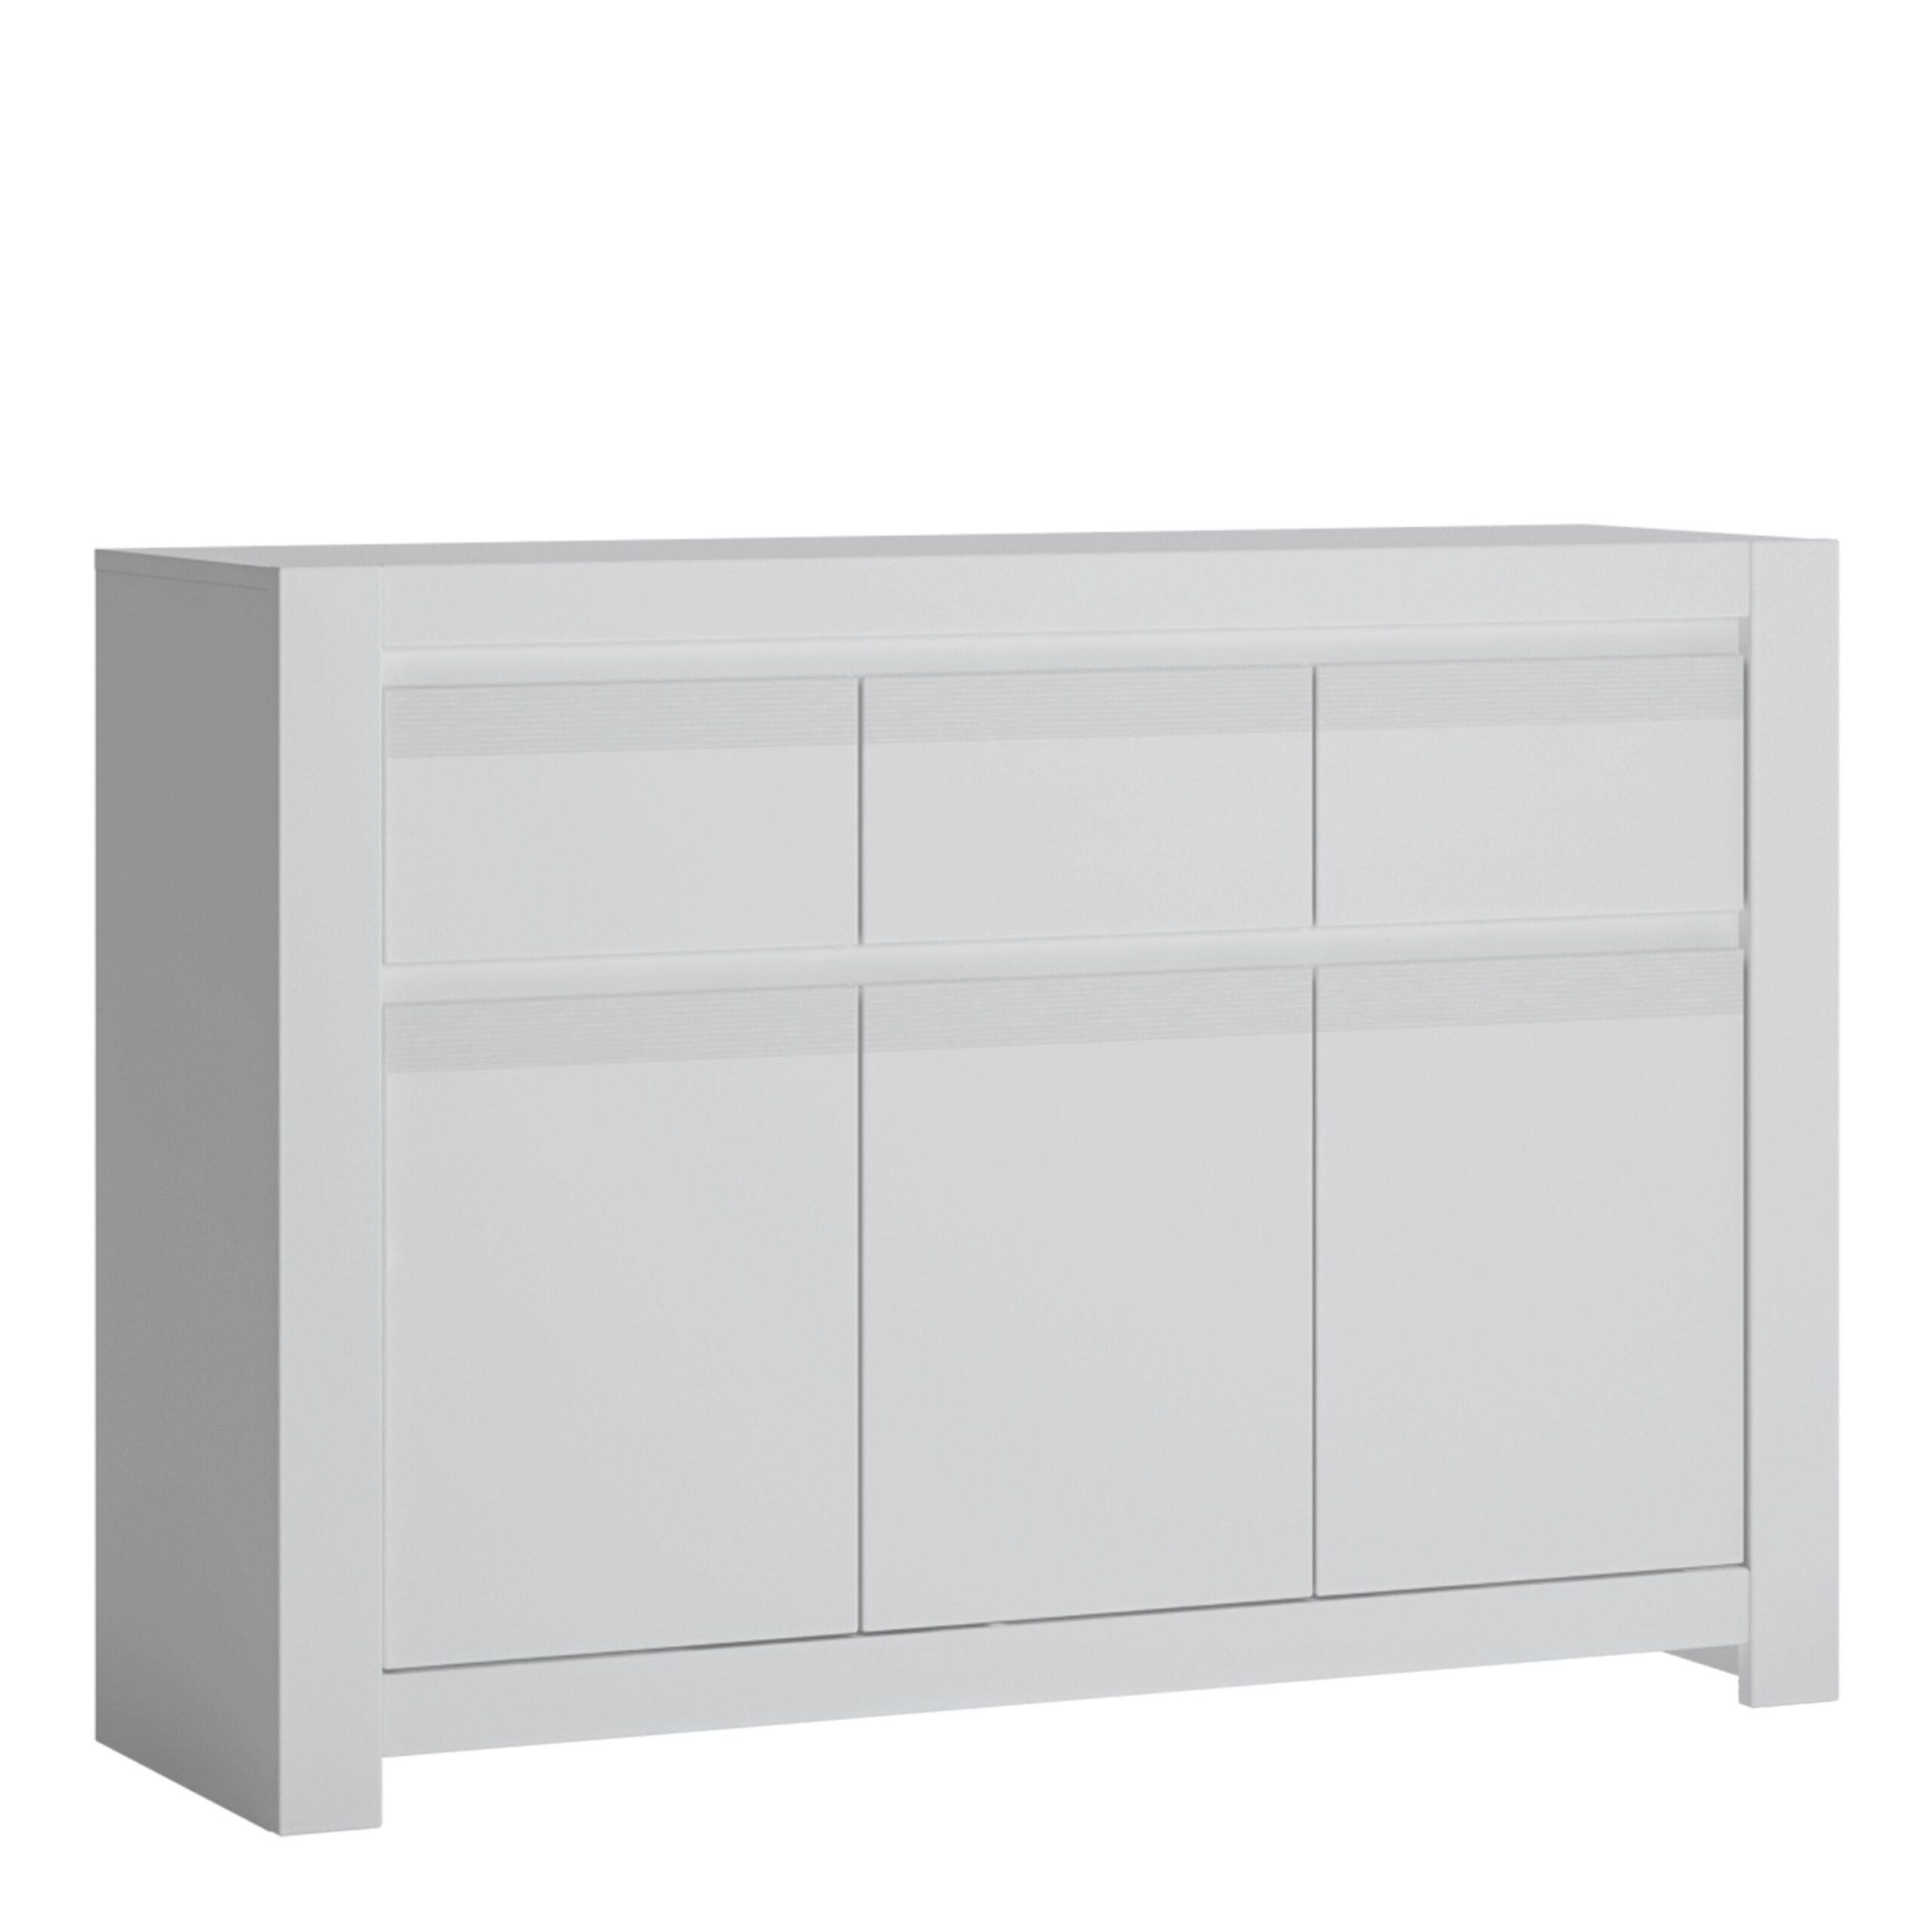 Veen 3 Door 3 Drawer Cabinet